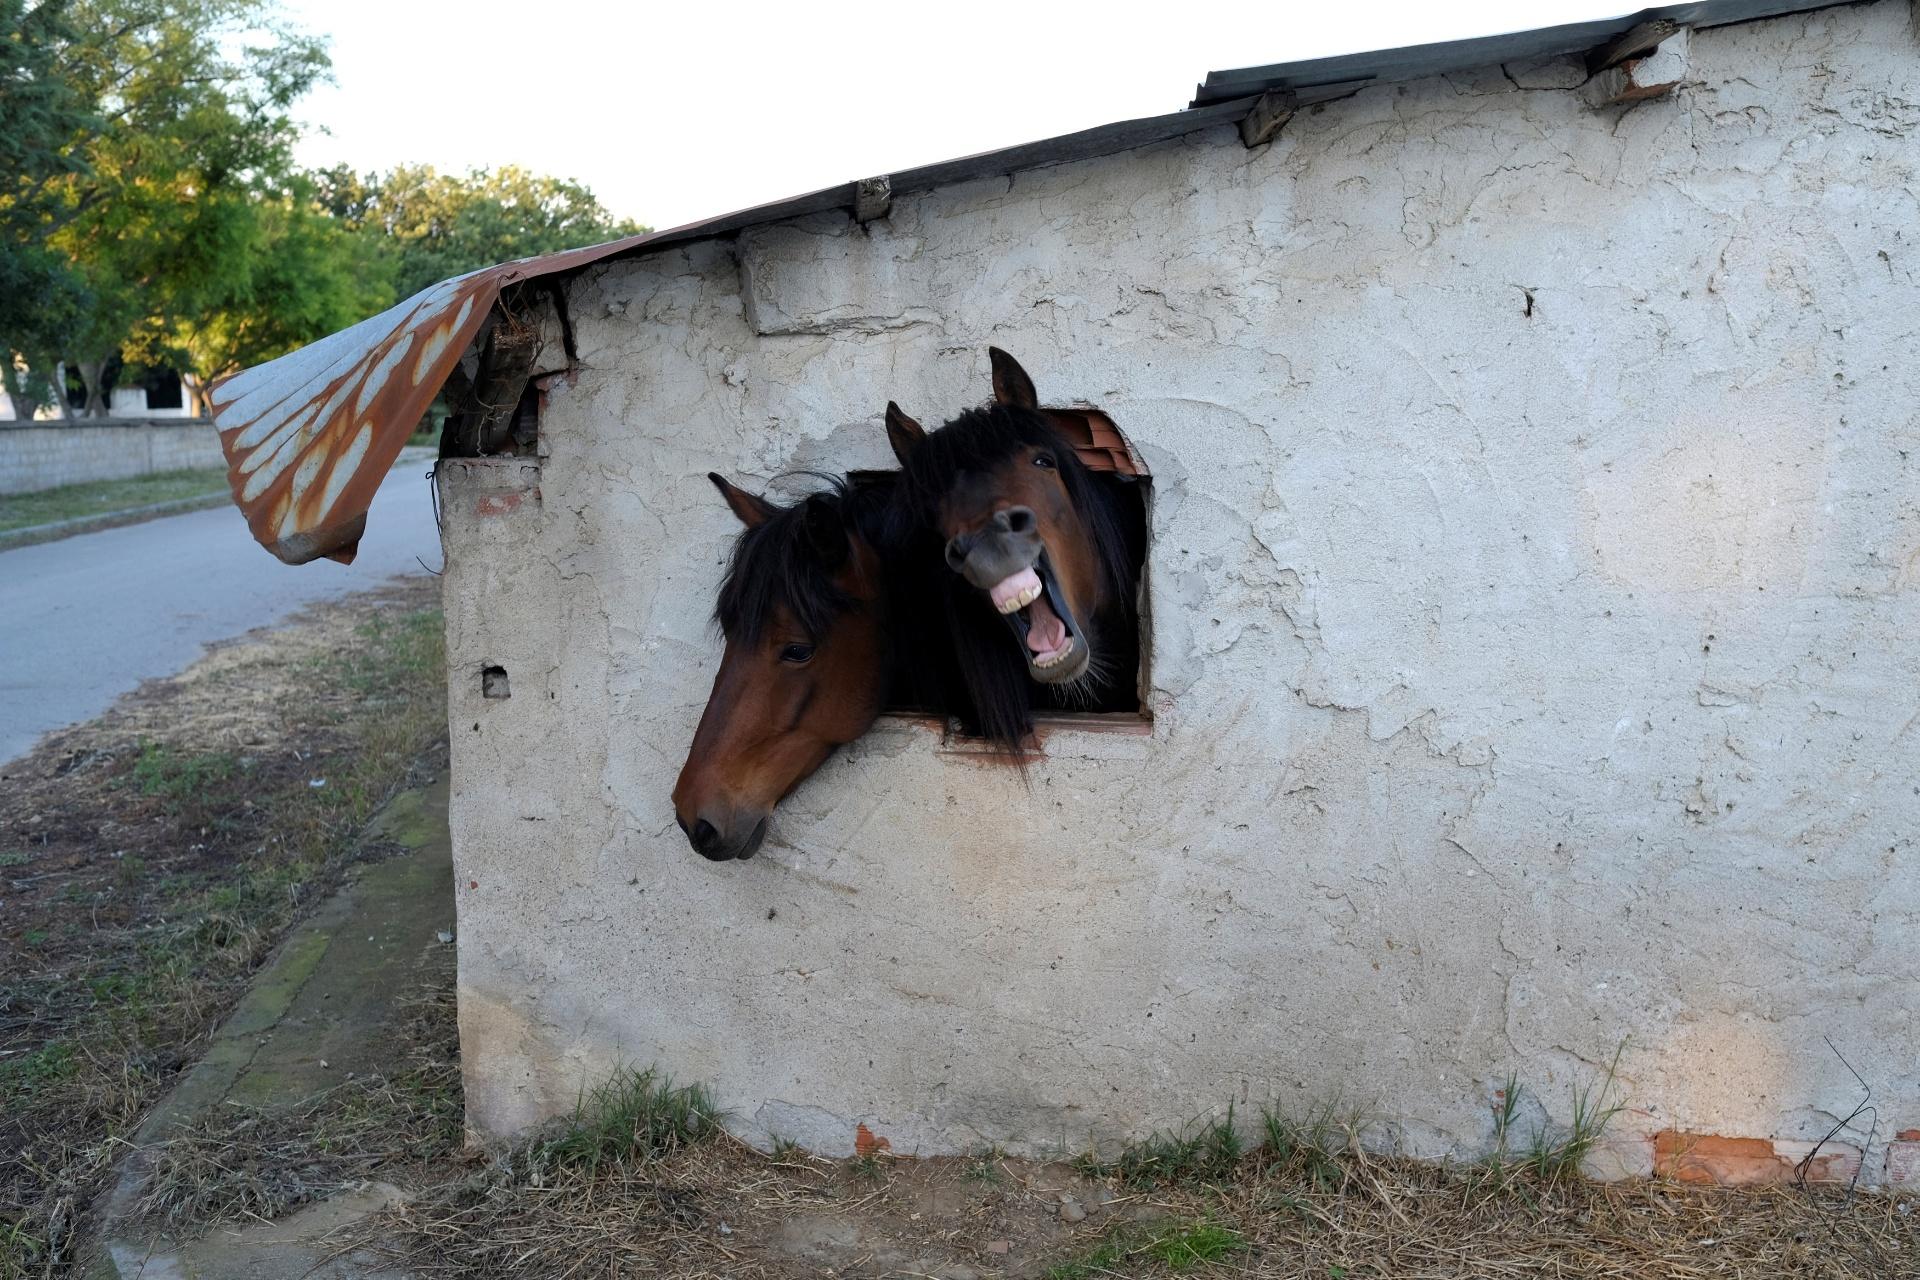 27.mai.2016 - Dois cavalos colocam a cabeça para o lado de fora de um estábulo por um buraco na parede, no vilarejo de Pontoiraklia, na Grécia